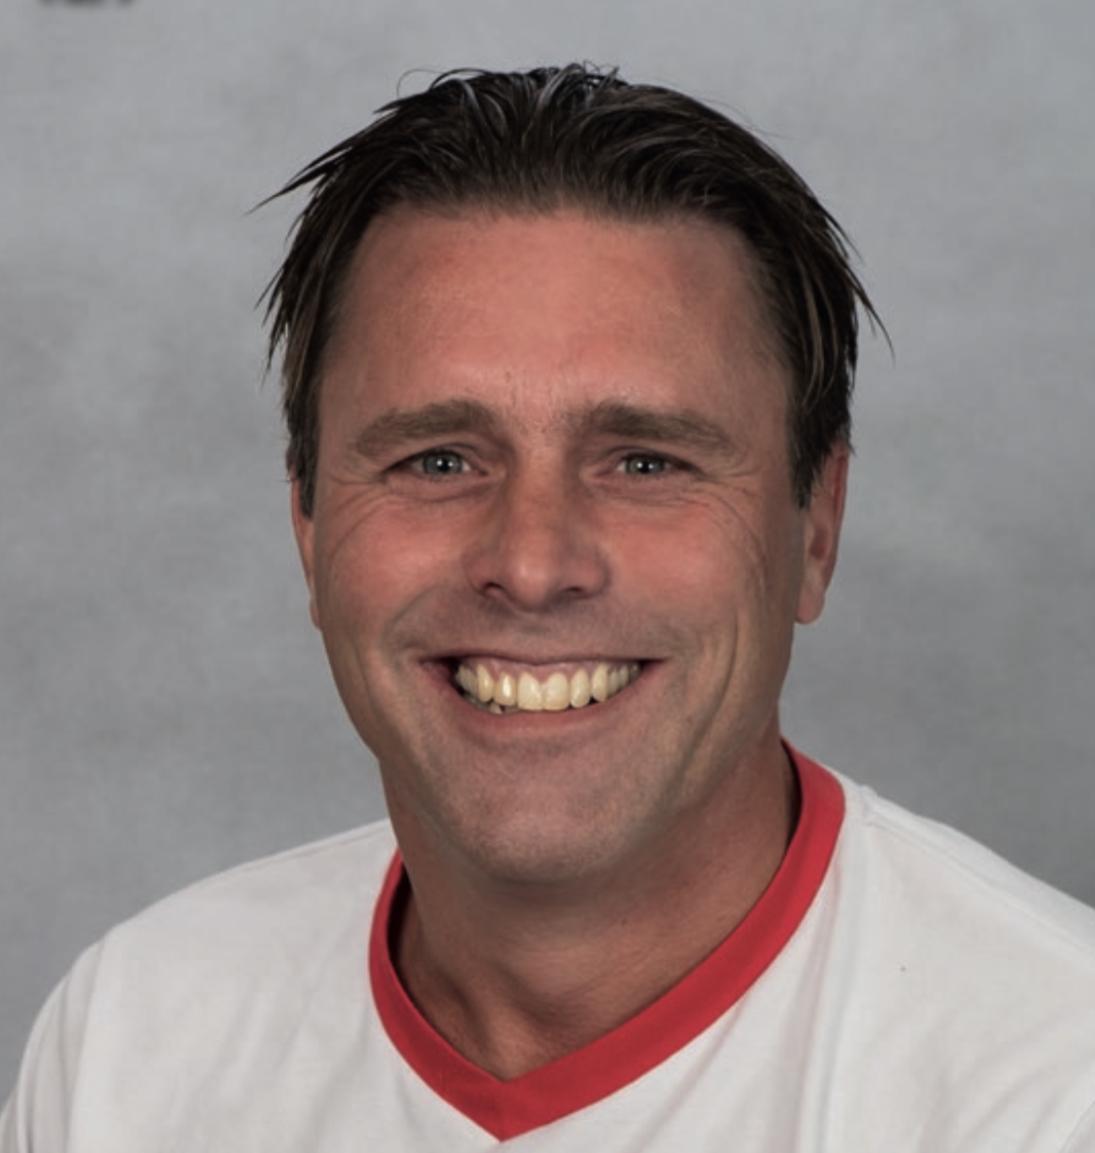 Raymond Schoenaker nieuwe trainer JO15 selectie